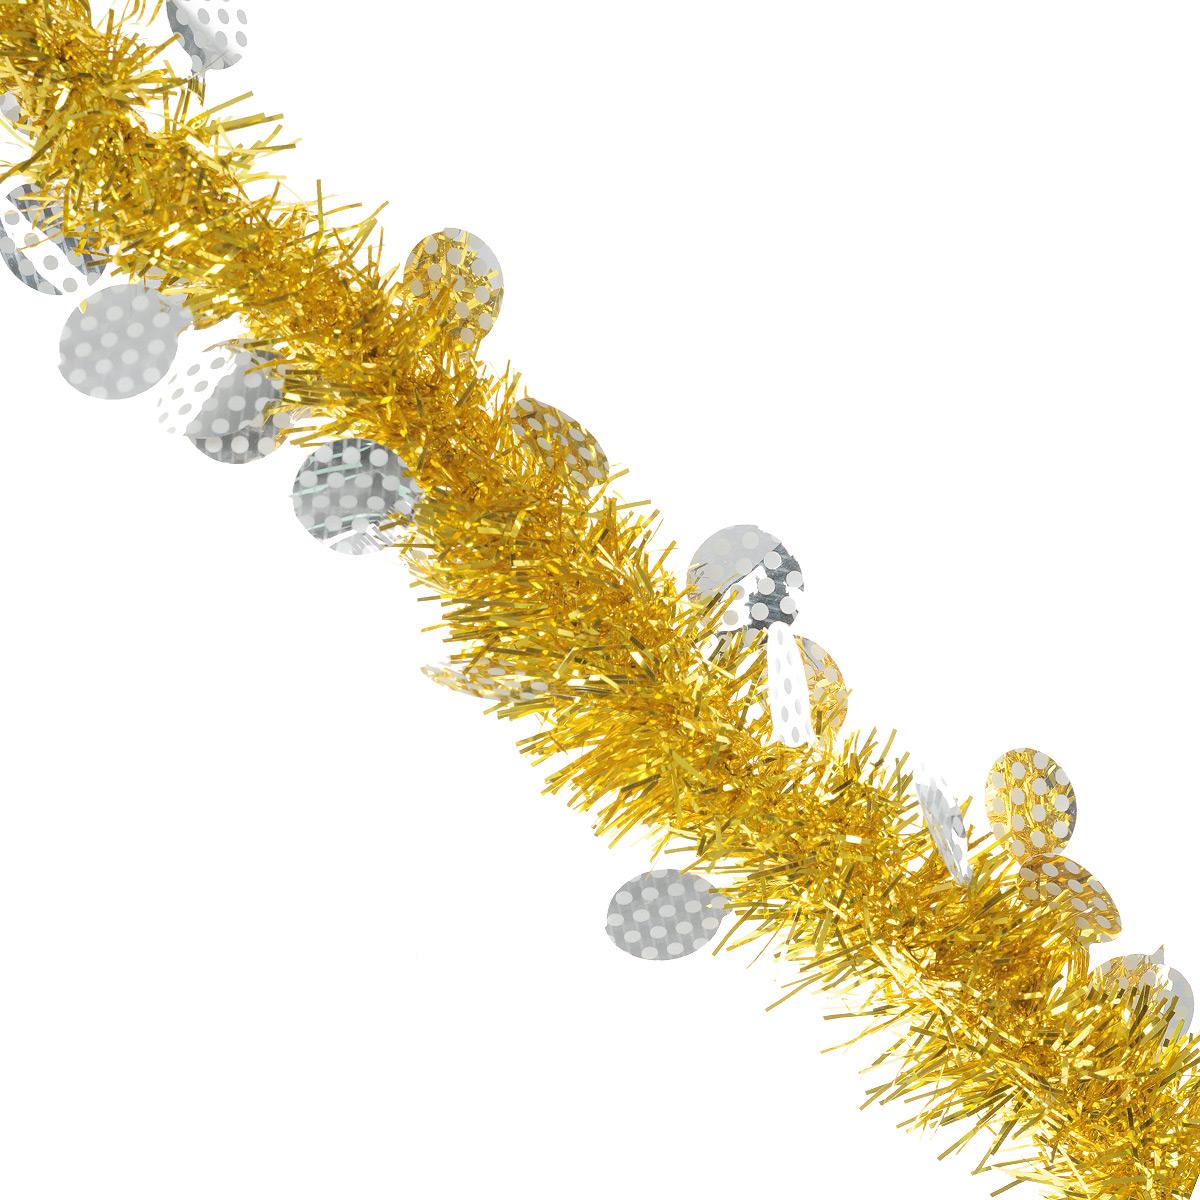 """Пушистая новогодняя мишура """"Sima-land"""", выполненная из двухцветной фольги, поможет вам  украсить свой дом к предстоящим праздникам. А новогодняя елка с таким украшением станет  еще наряднее. Мишура армирована, то есть имеет проволоку внутри и способна сохранять  приданную ей форму.  Новогодней мишурой можно украсить все, что угодно - елку, квартиру, дачу, офис - как внутри, так  и снаружи. Можно сложить новогодние поздравления, буквы и цифры, мишурой можно украсить и  дополнить гирлянды, можно выделить дверные колонны, оплести дверные проемы."""